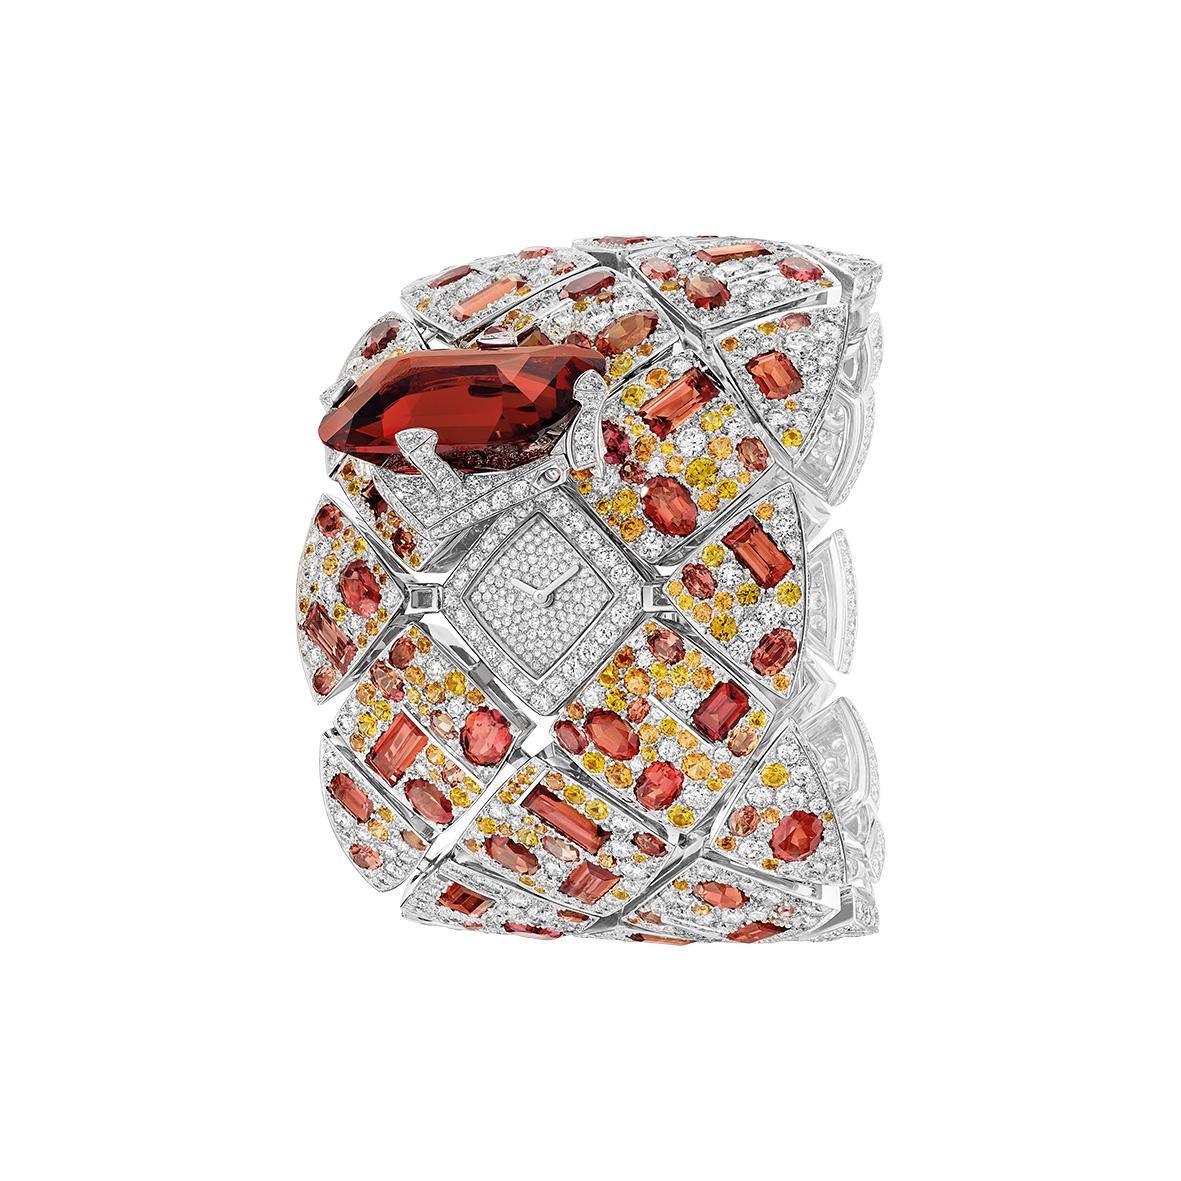 Jewellery Watch Prize: